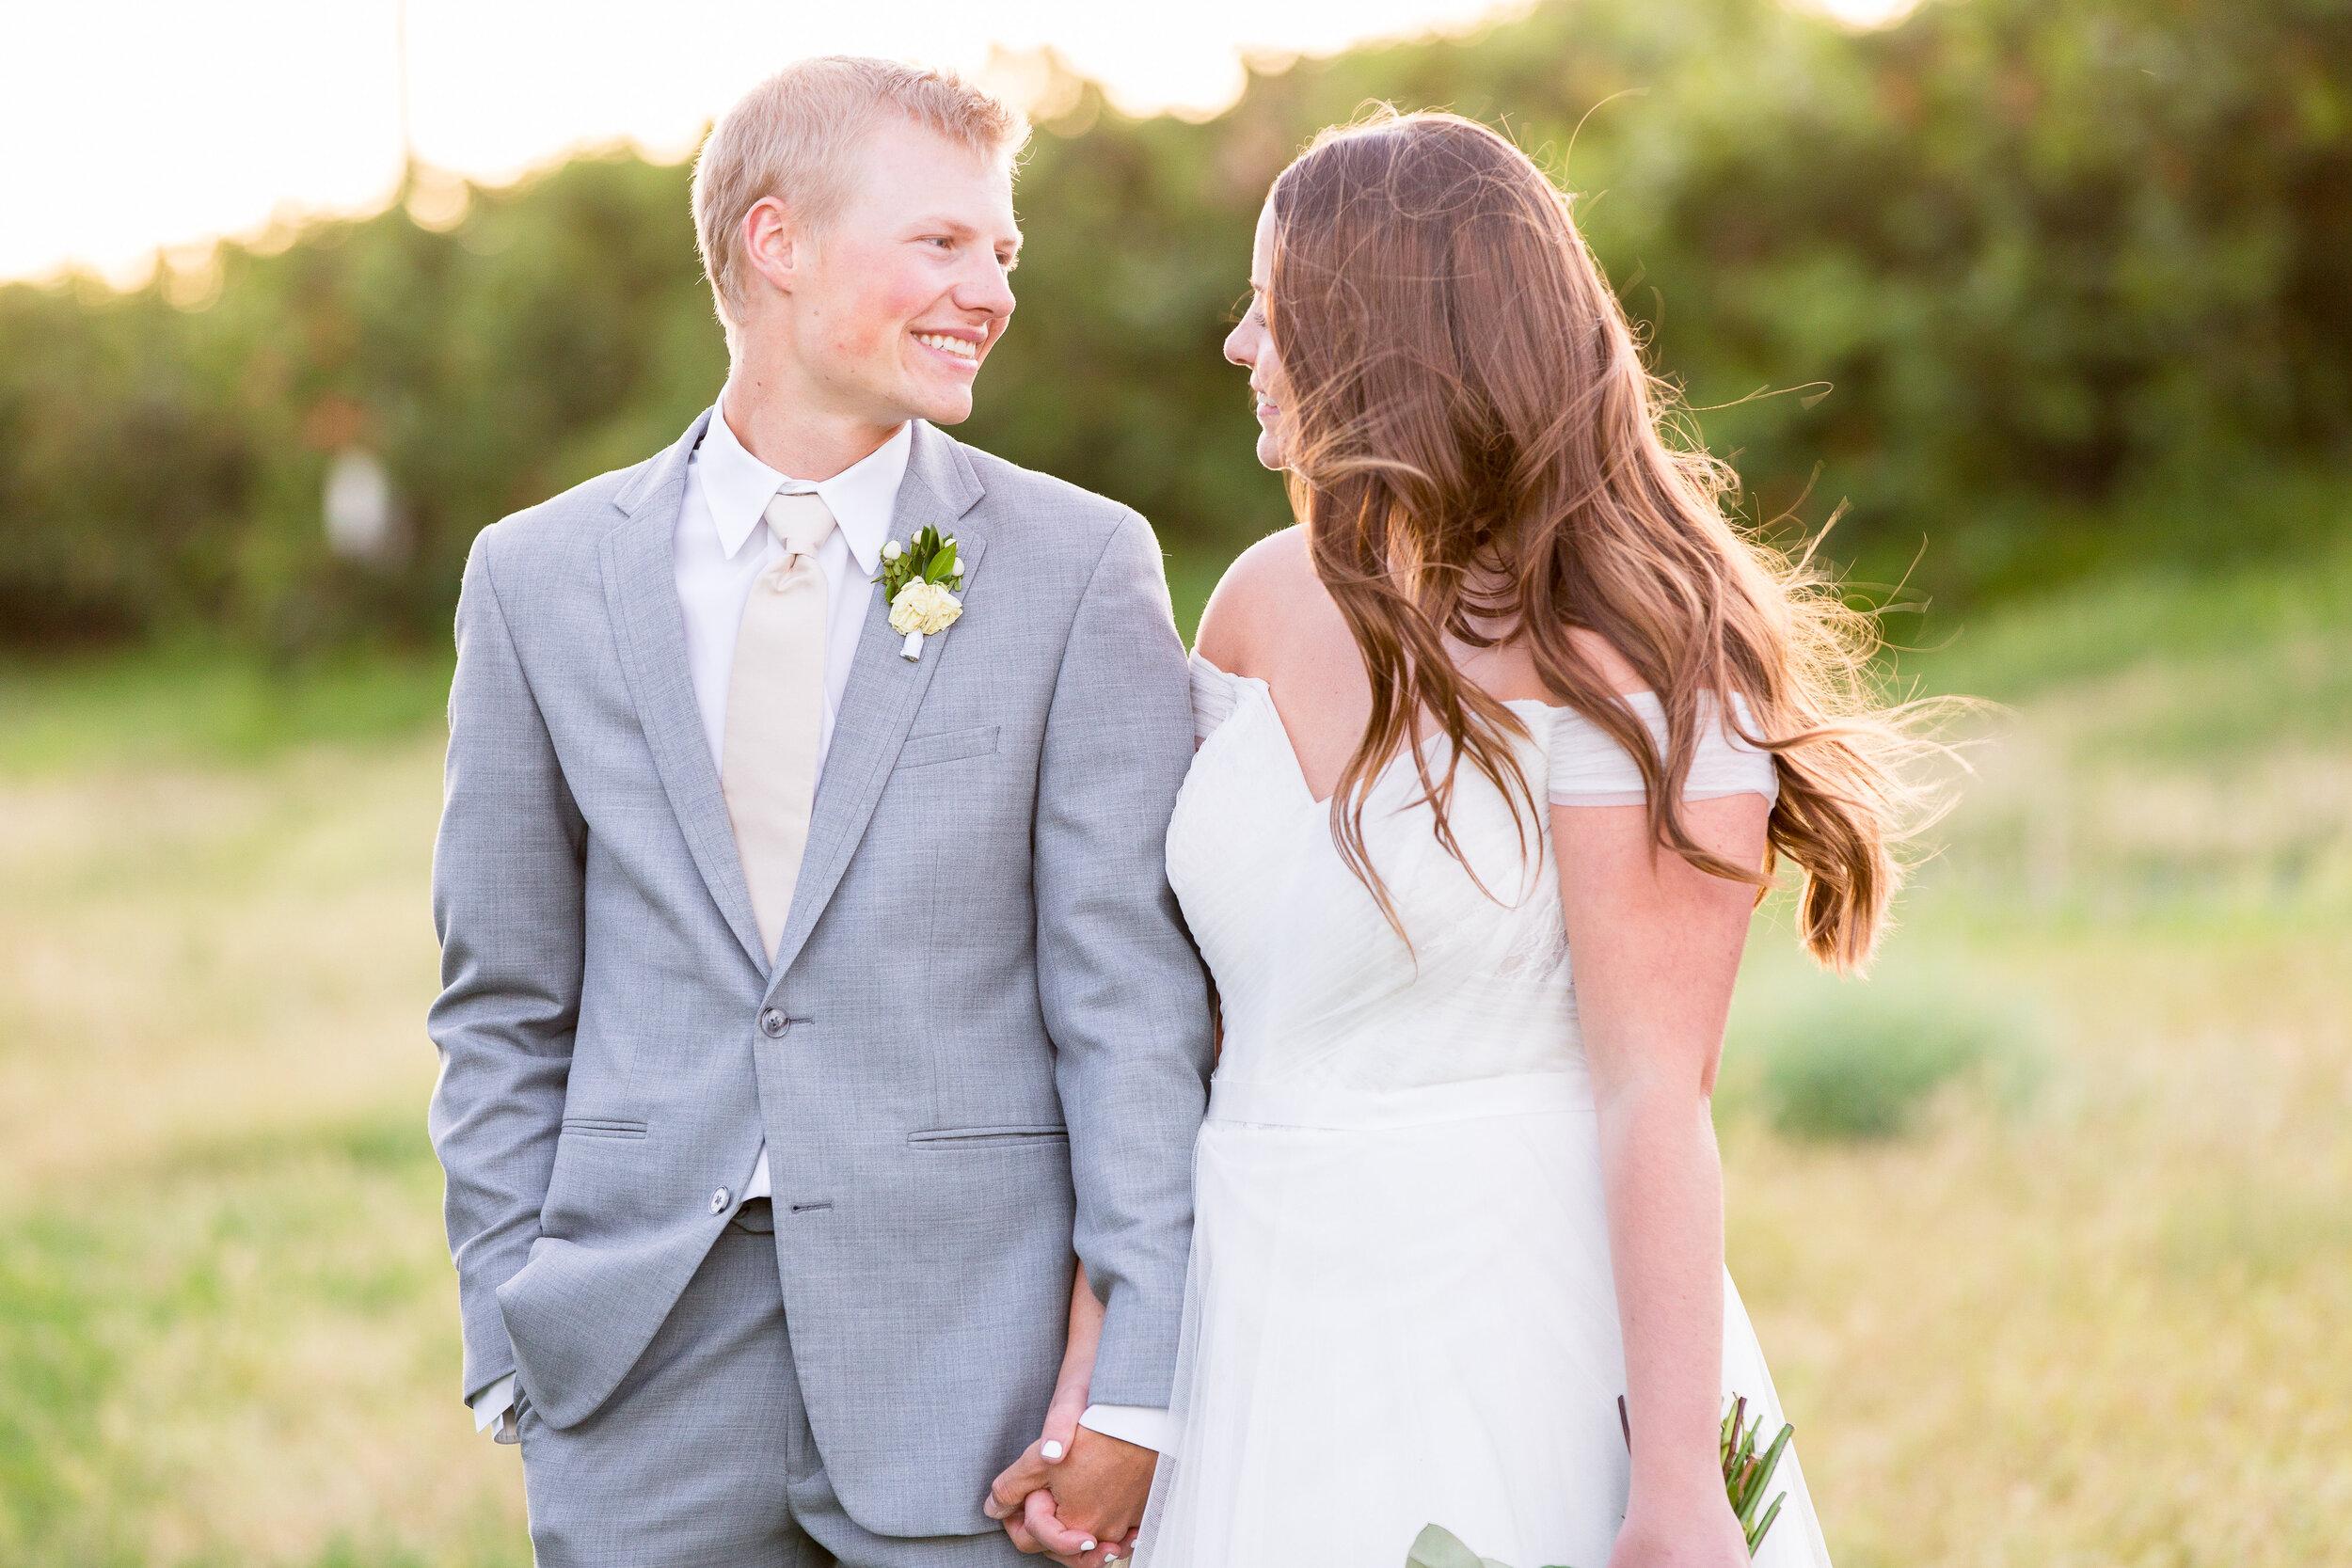 bride and groom spokane wedding